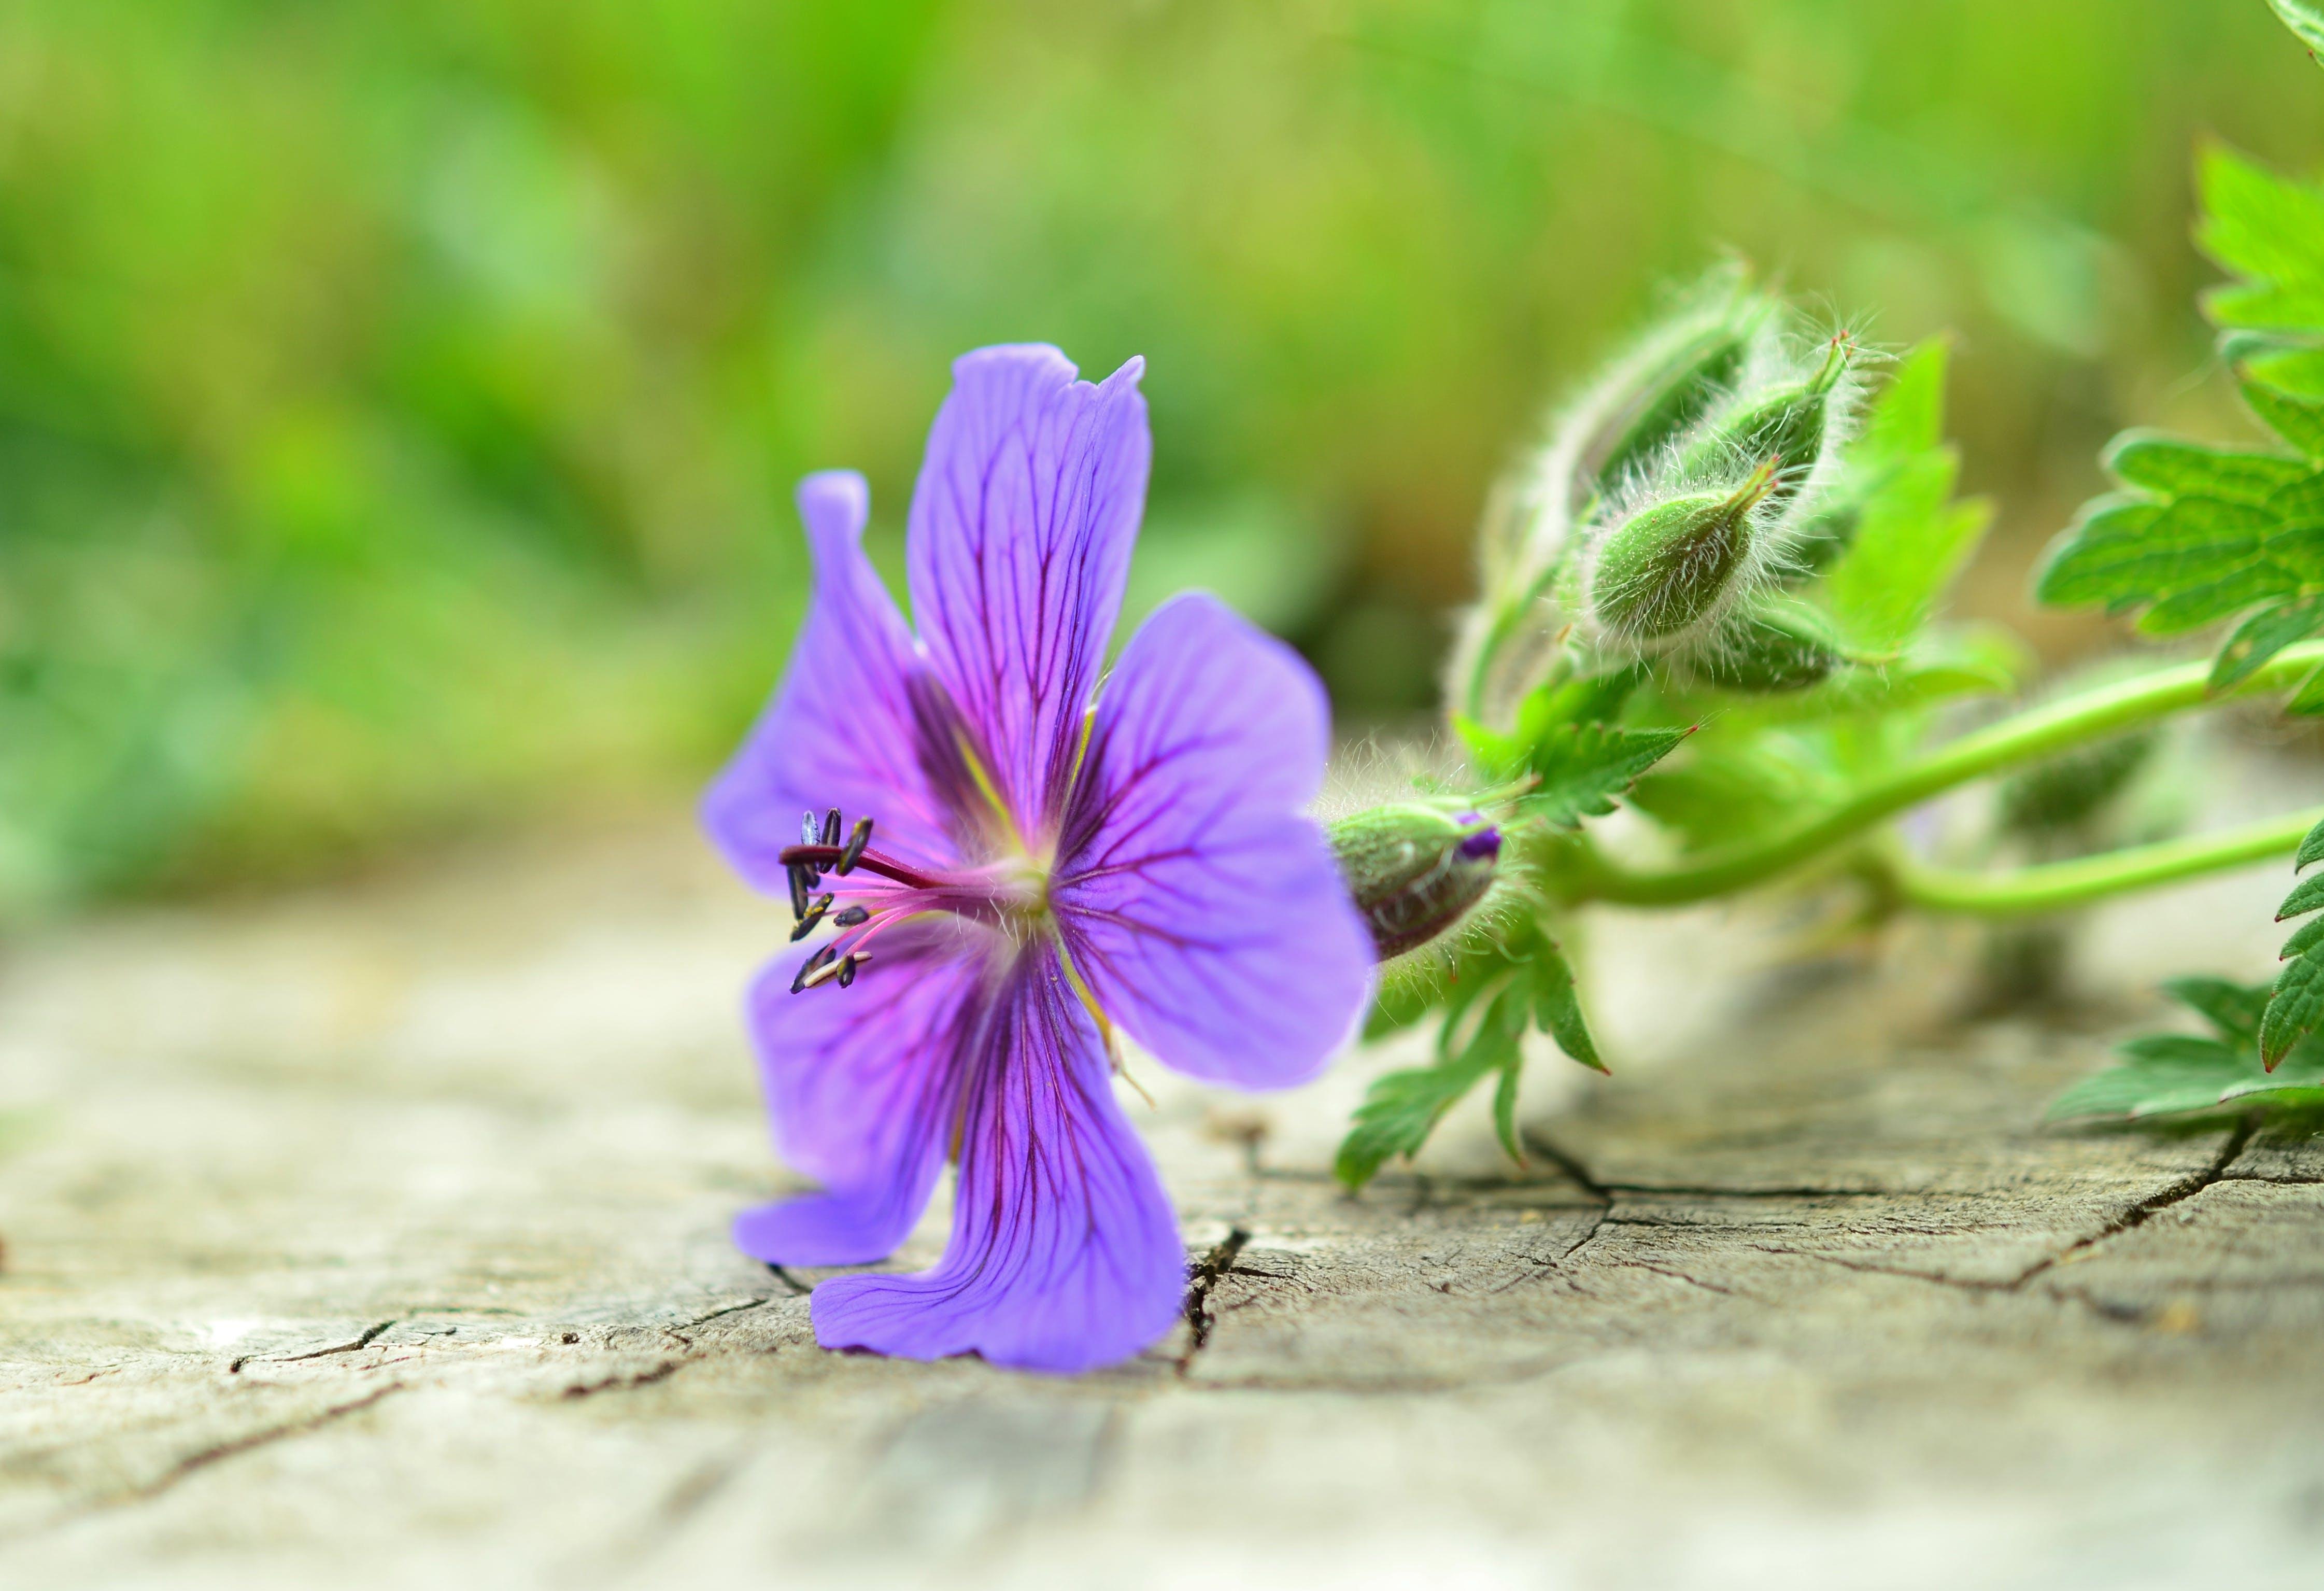 Purple Petal Flower Plant in Macro Photo